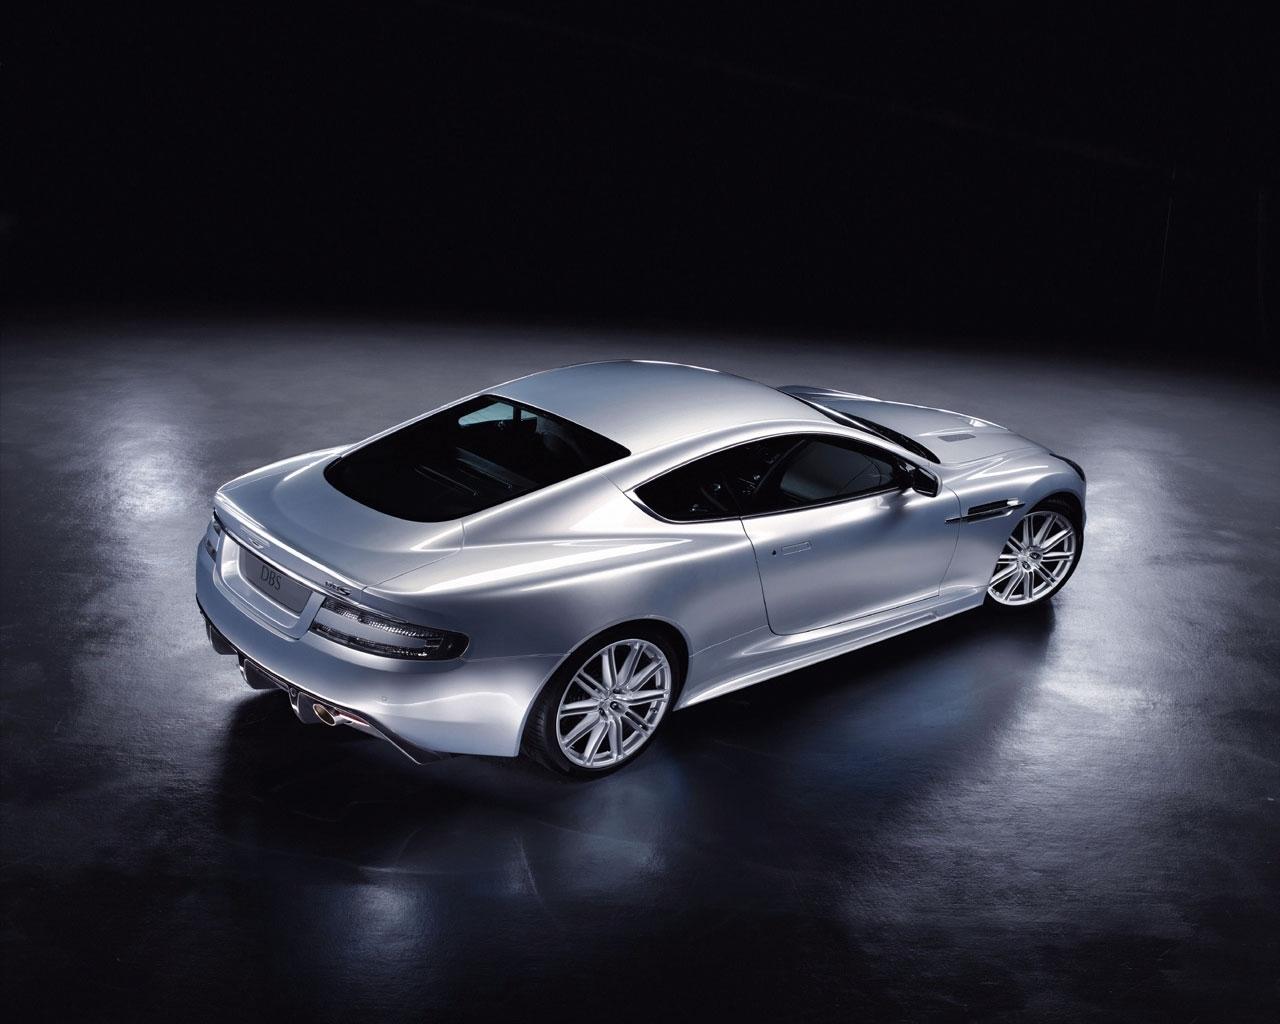 2646 скачать обои Транспорт, Машины, Астон Мартин (Aston Martin) - заставки и картинки бесплатно